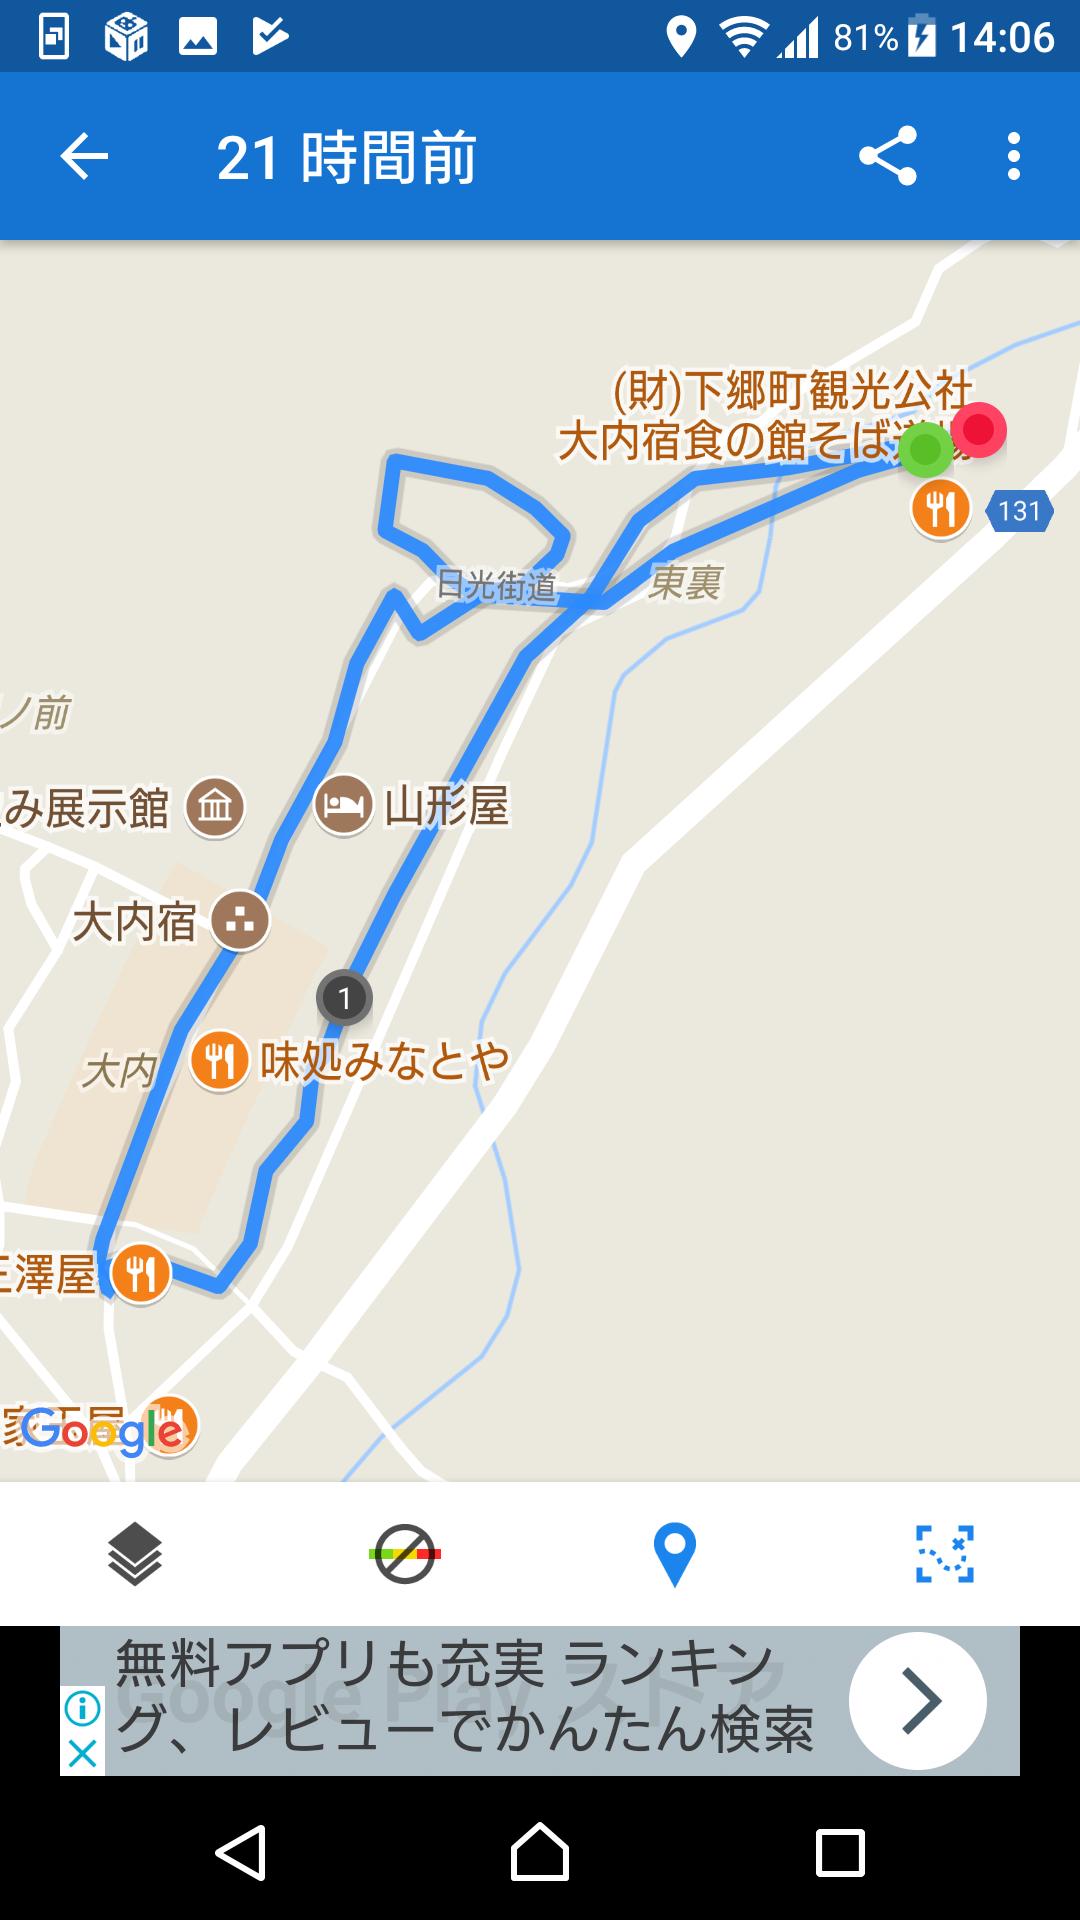 f:id:ynakayama27:20170713141647p:plain